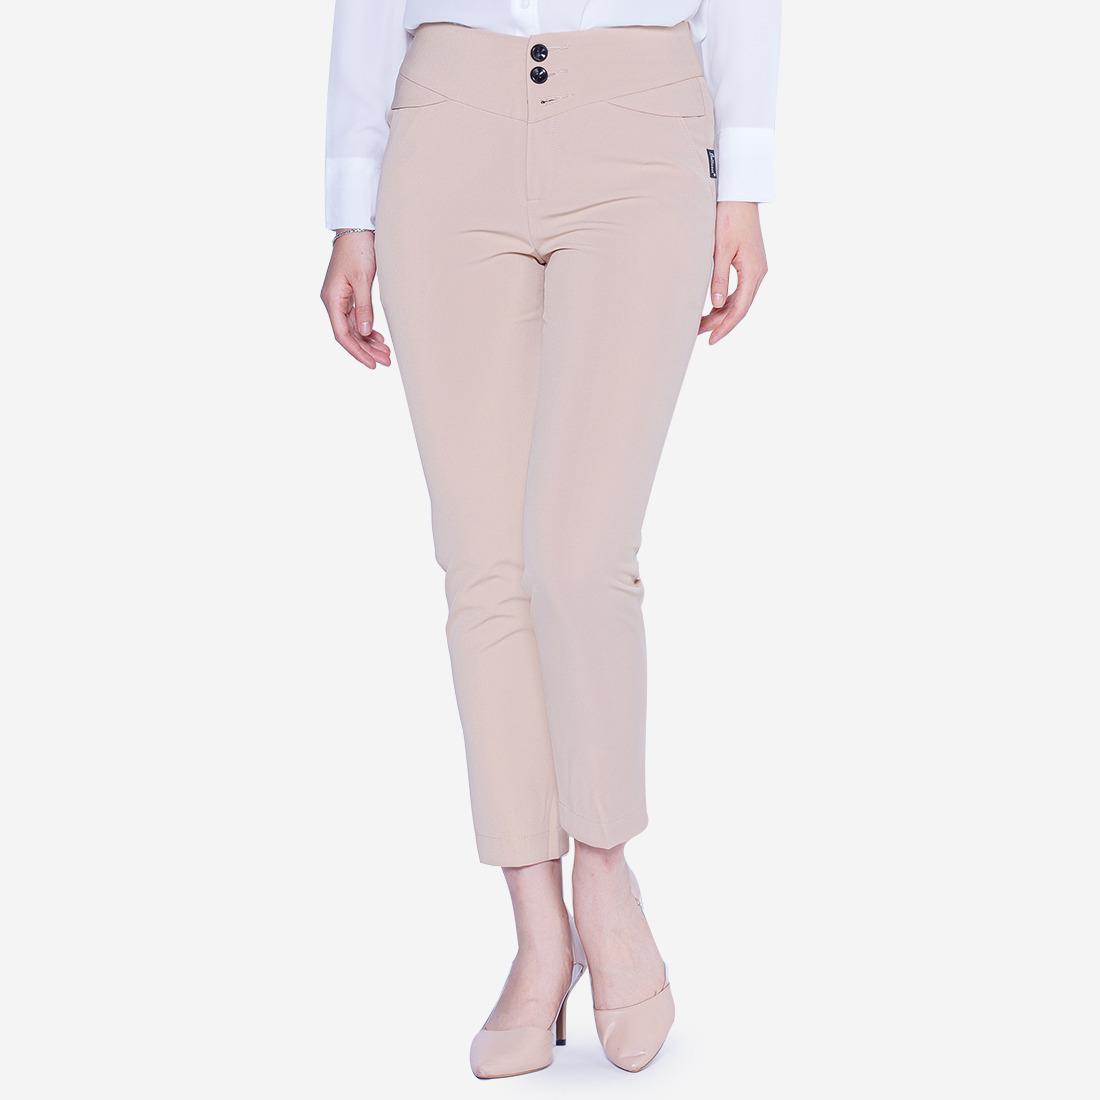 Quần kiểu màu be túi chéo The One Fashion QL148BE1